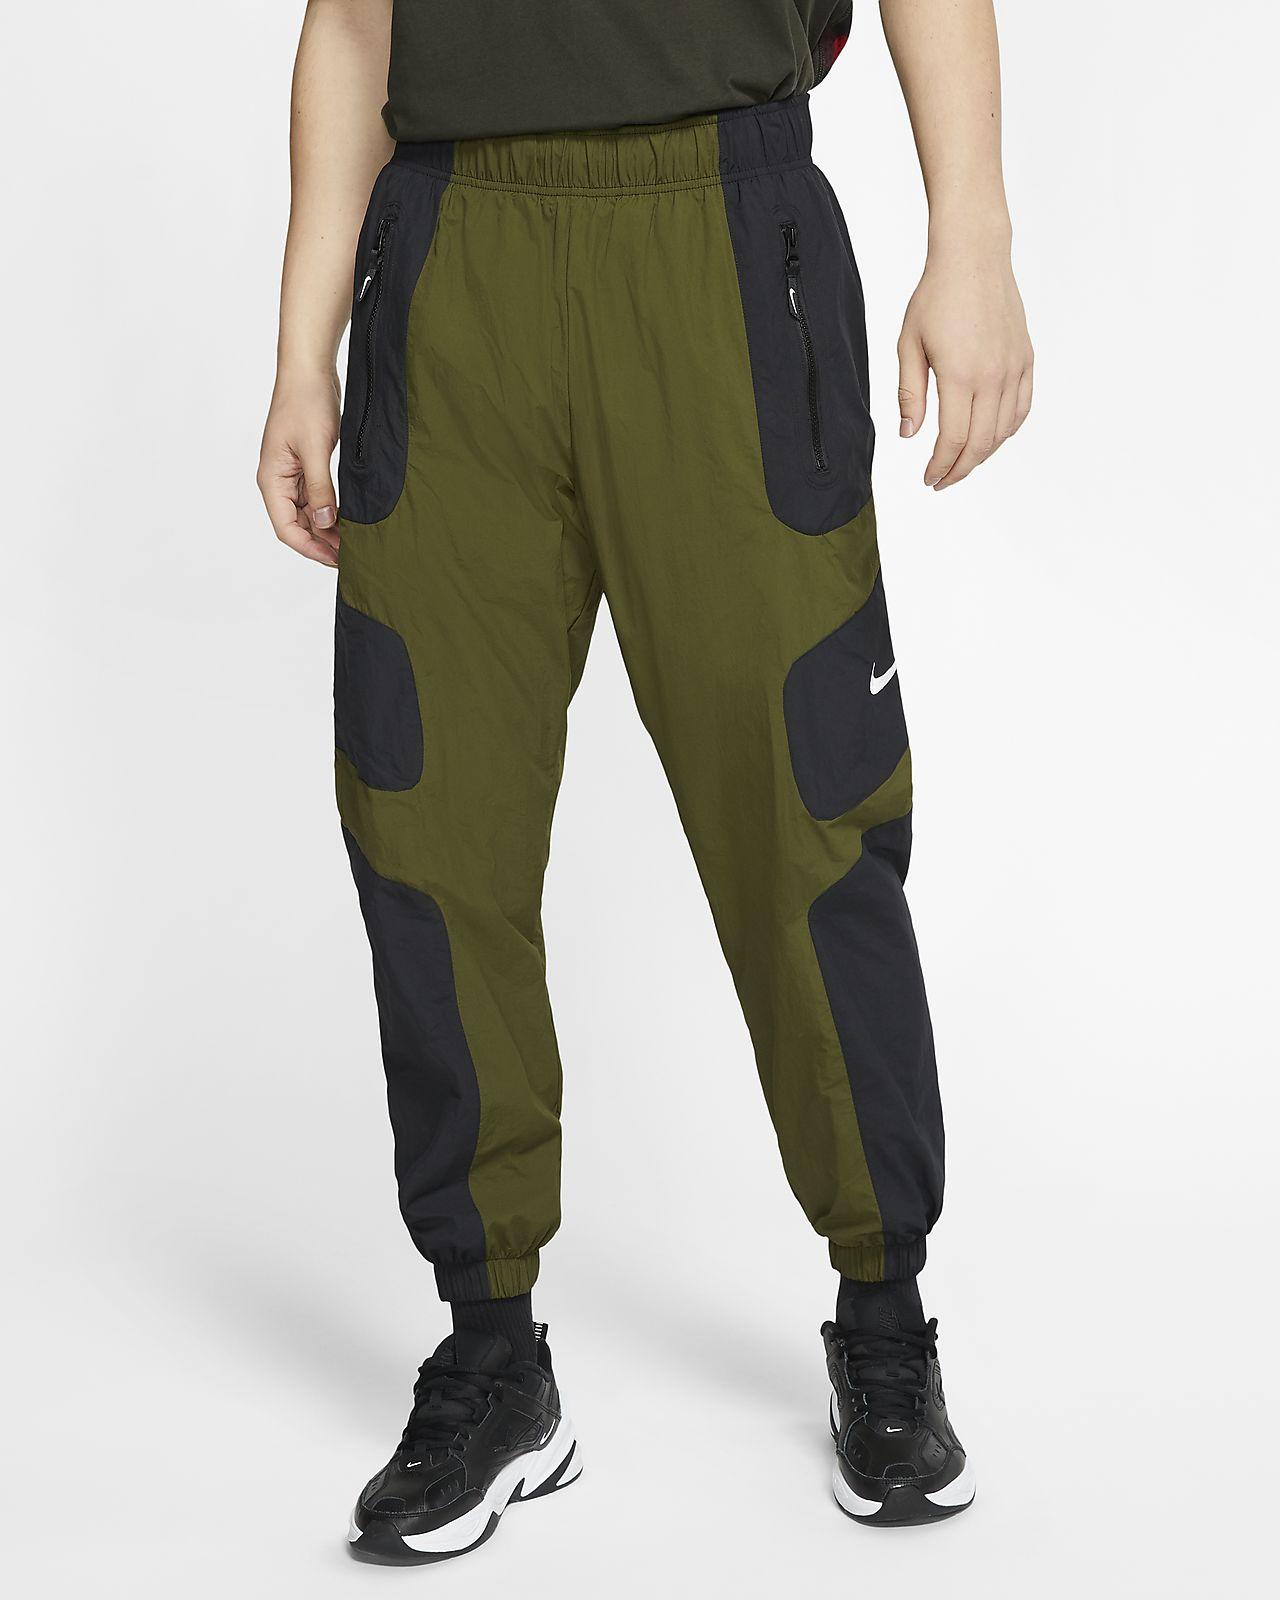 Nike Sportswear 男款梭織運動褲